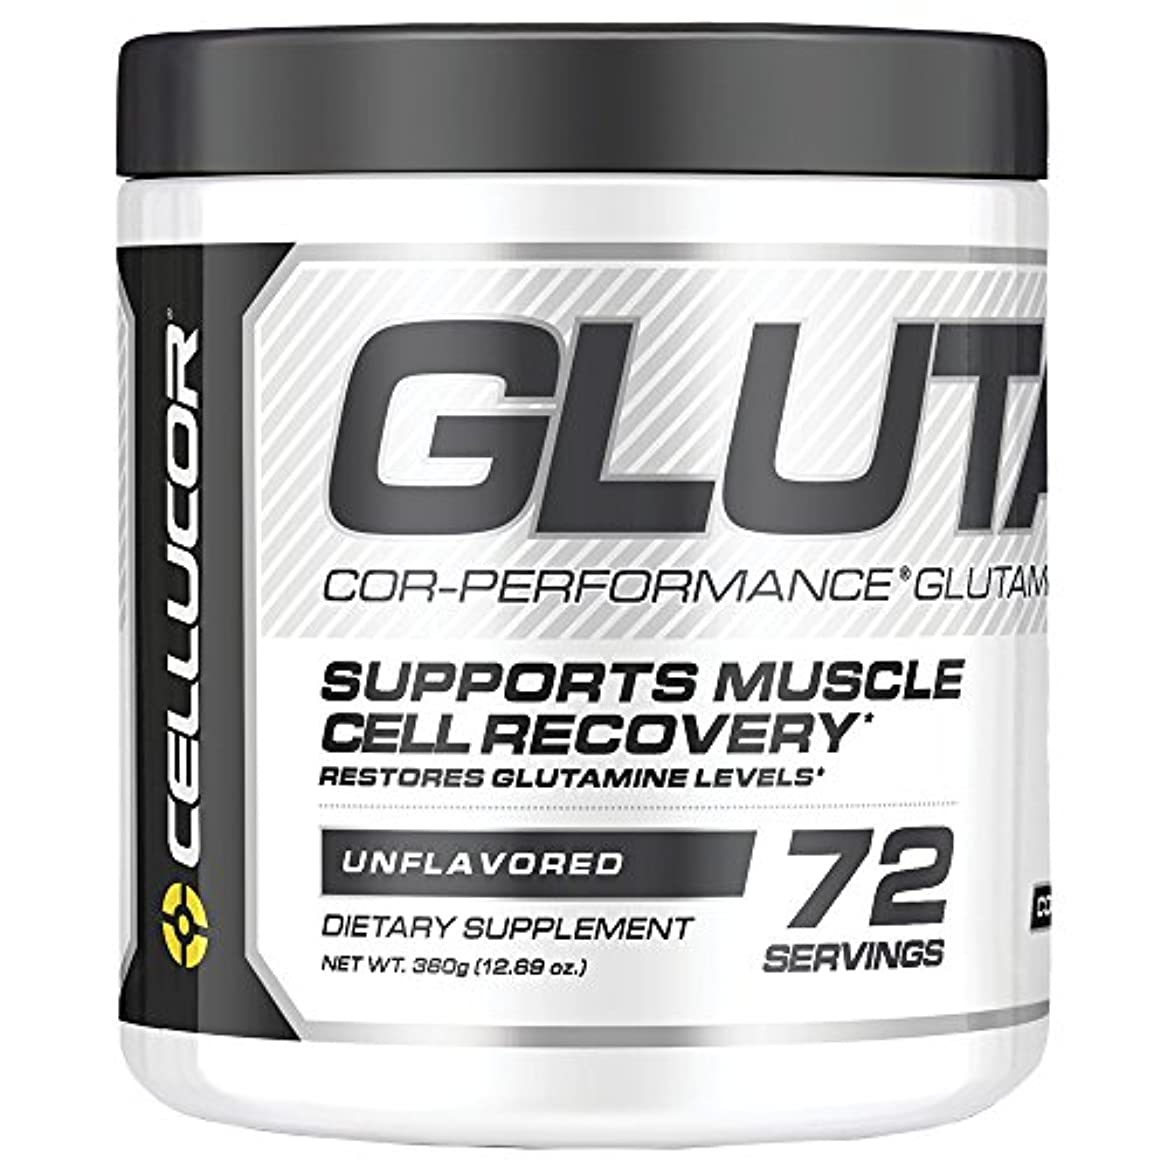 範囲小間リマCellucor Cor-Performance 72 Servings Glutamine Supplements, 360 grams 海外直送品